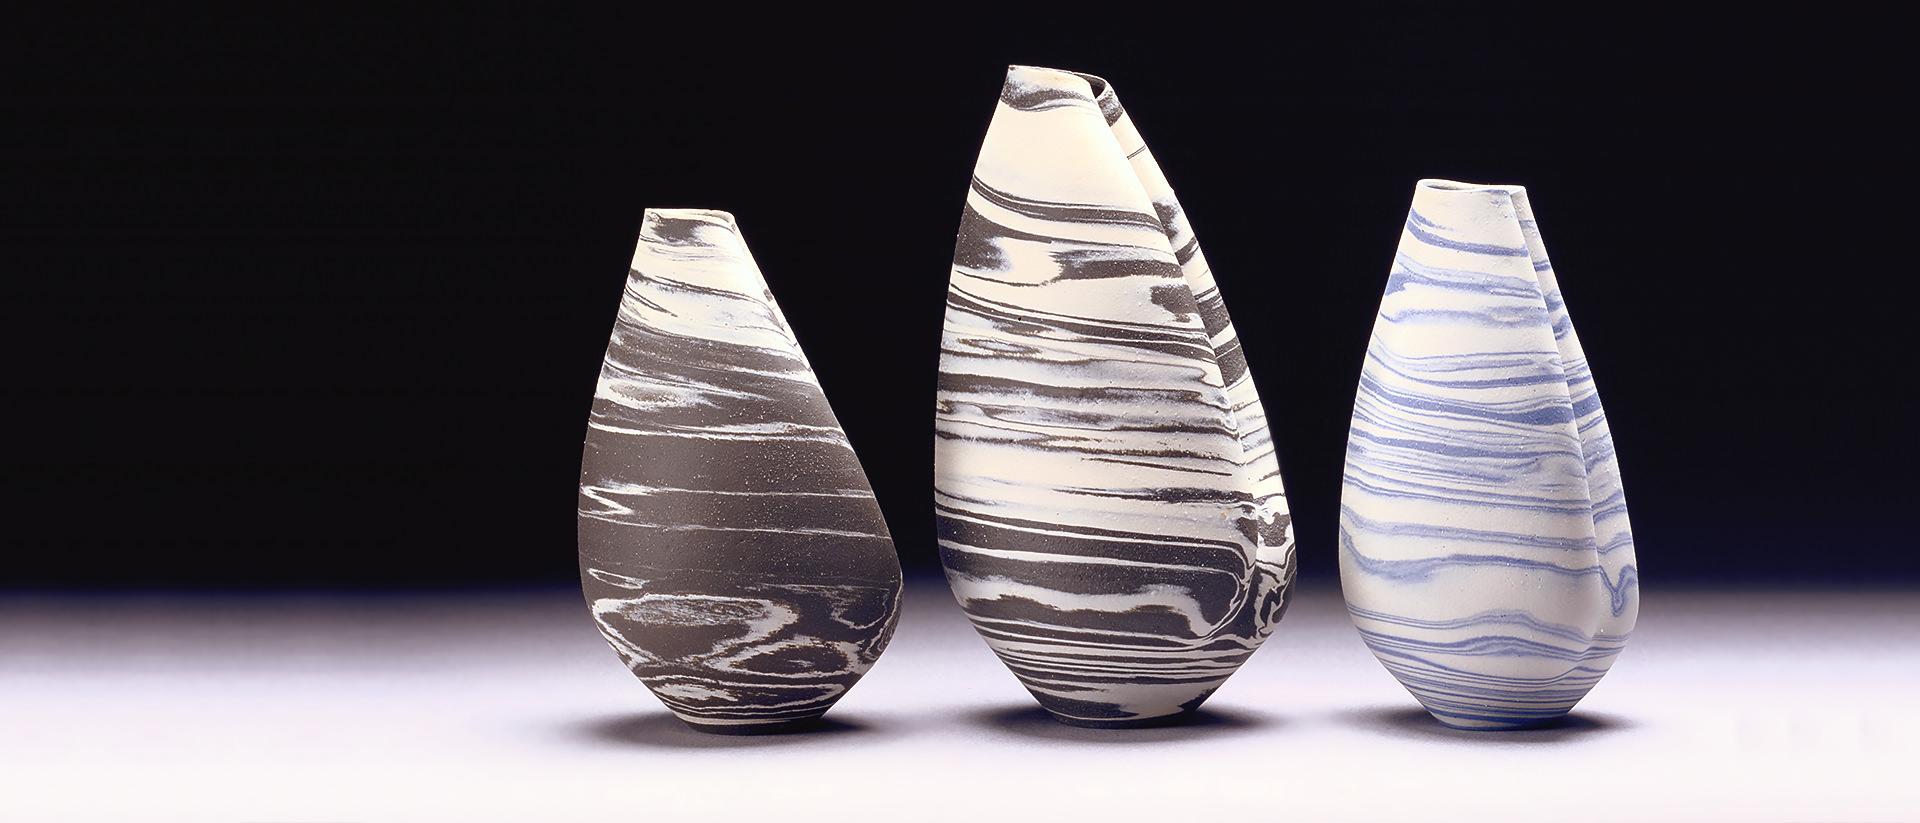 Robin Hopper, Formes de coquillages No 5, 1 et 2, 1974, céramique, de gauche à droite :  No 5 : 20 cm x 12 cm (86-115), No 1 : 26 cm x 14 cm (86-113), No 2 : 20 cm x 13 cm (86-114).  Collection : Musée canadien de l'histoire